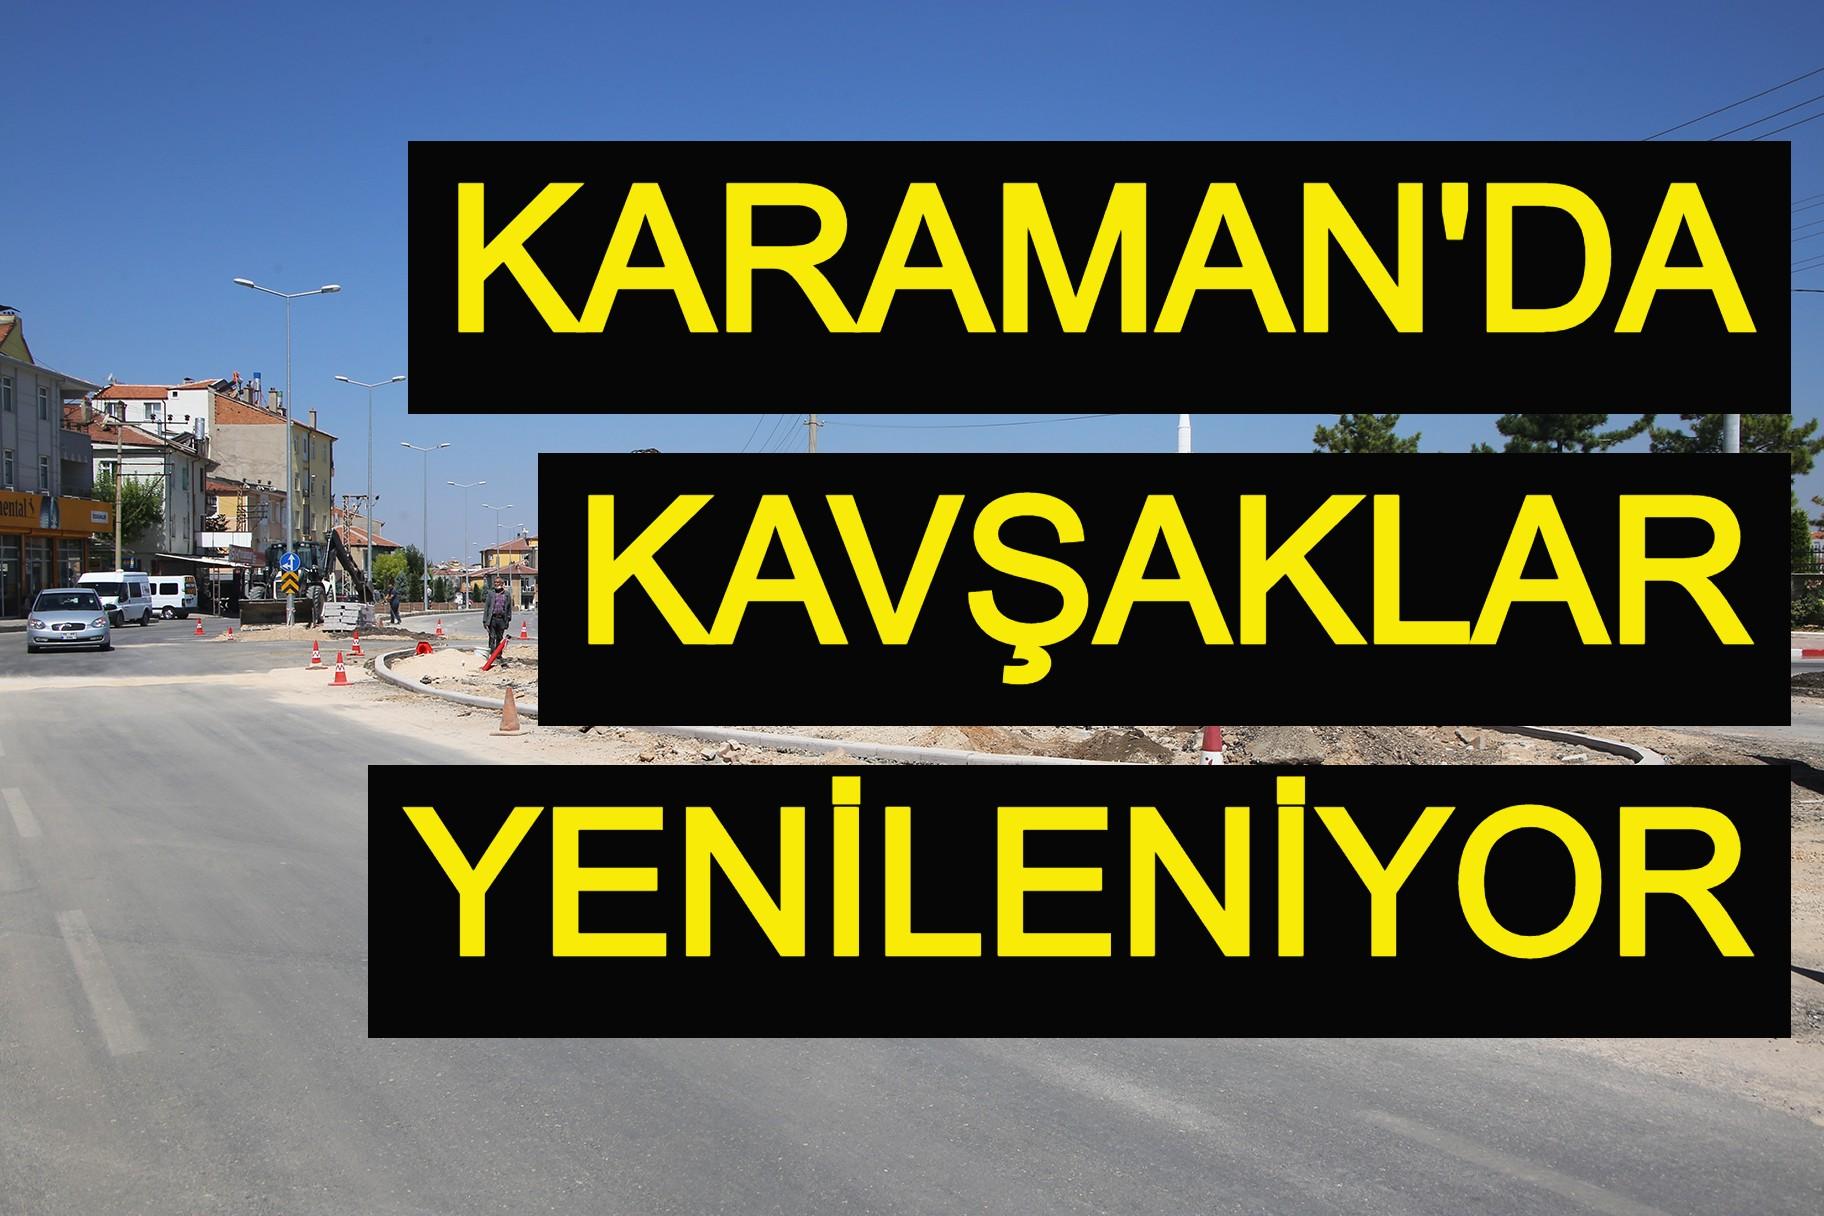 Karaman'da kavşaklar yenileniyor